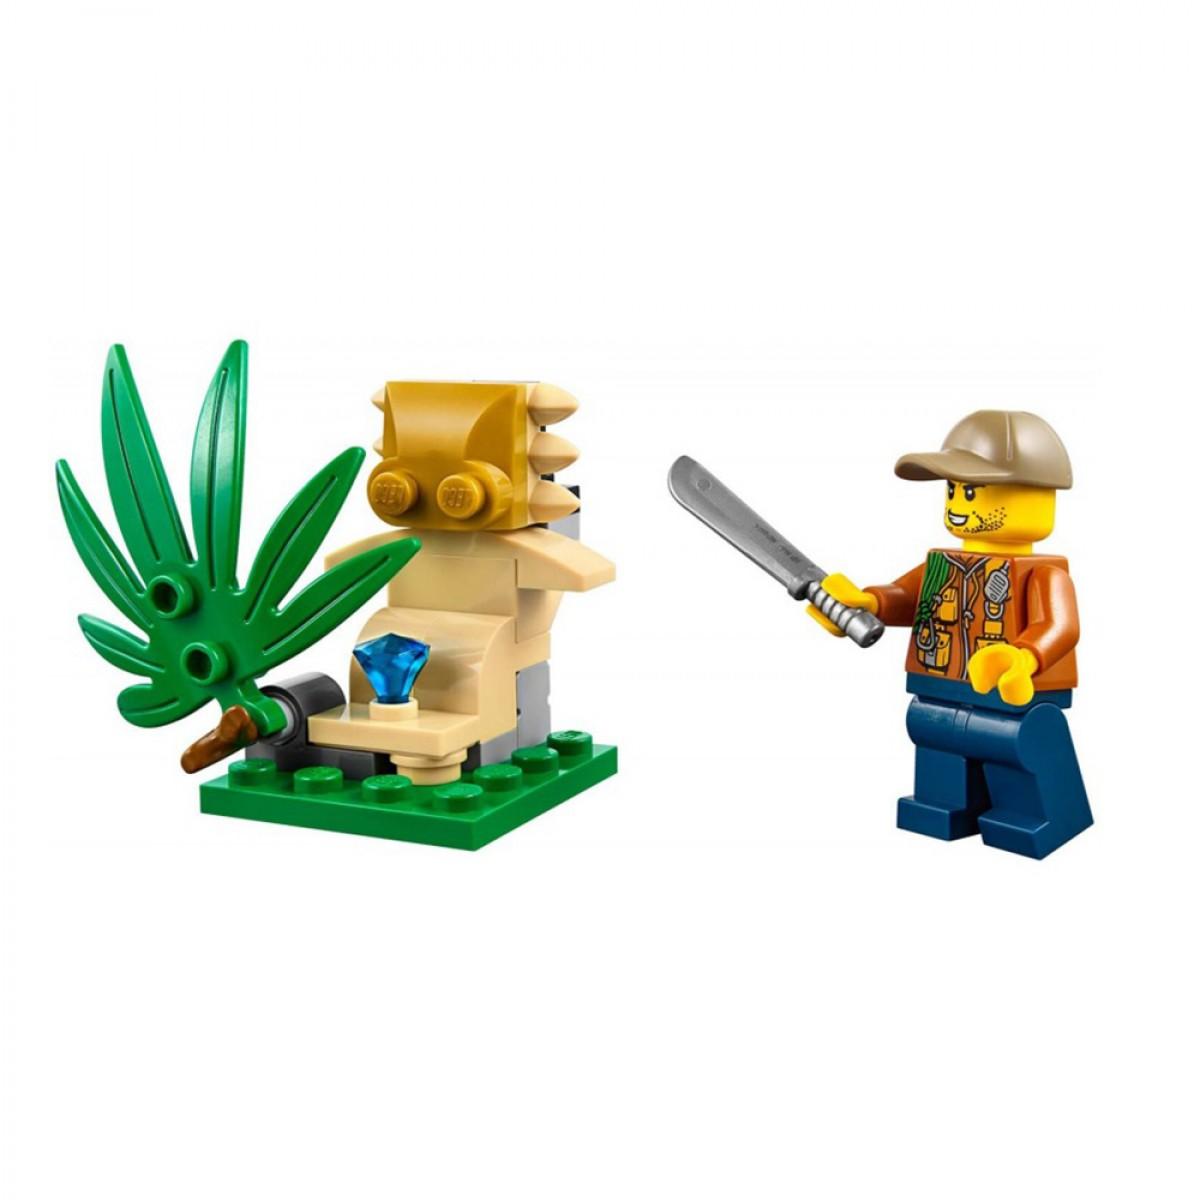 LEGO JYNGLE BUGGY 60156